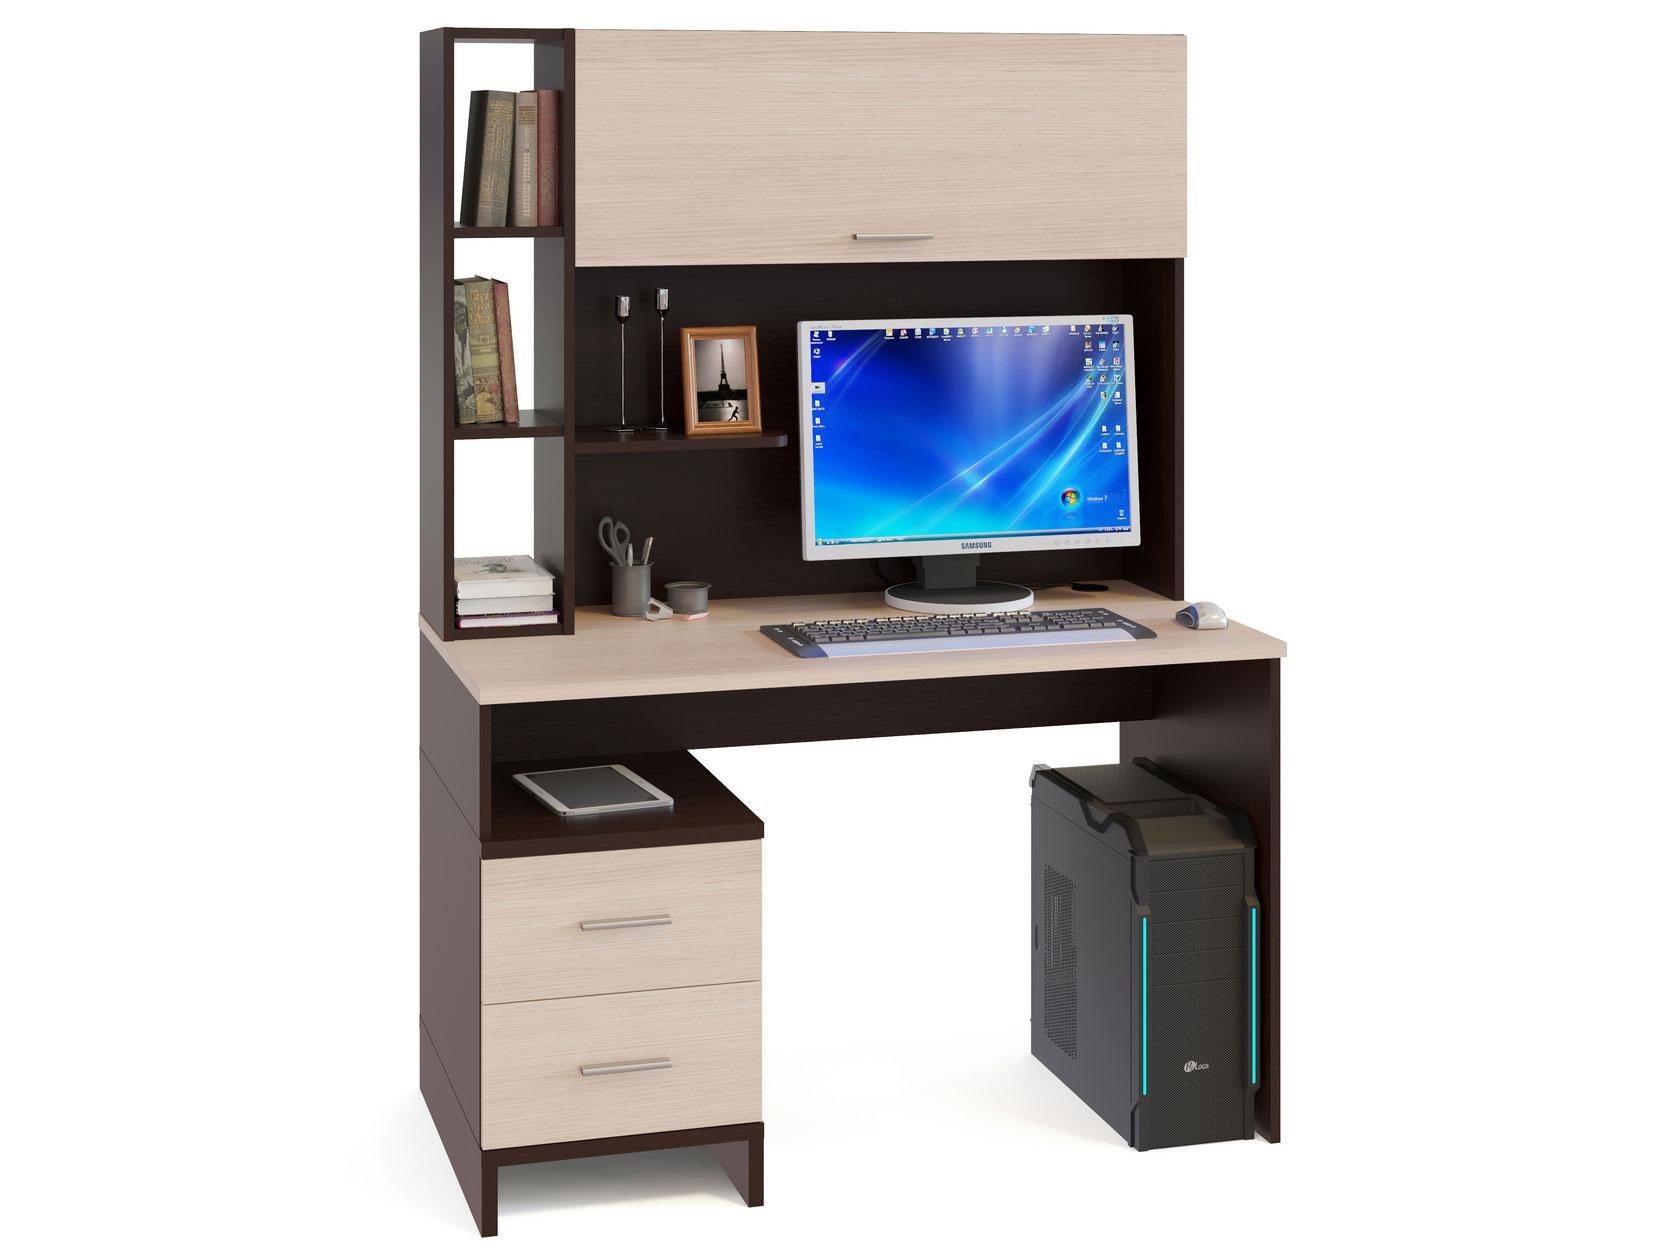 Компьютерный стол в комплекте СОКОЛ КСТ-114 120x60x166, венге/беленый дуб